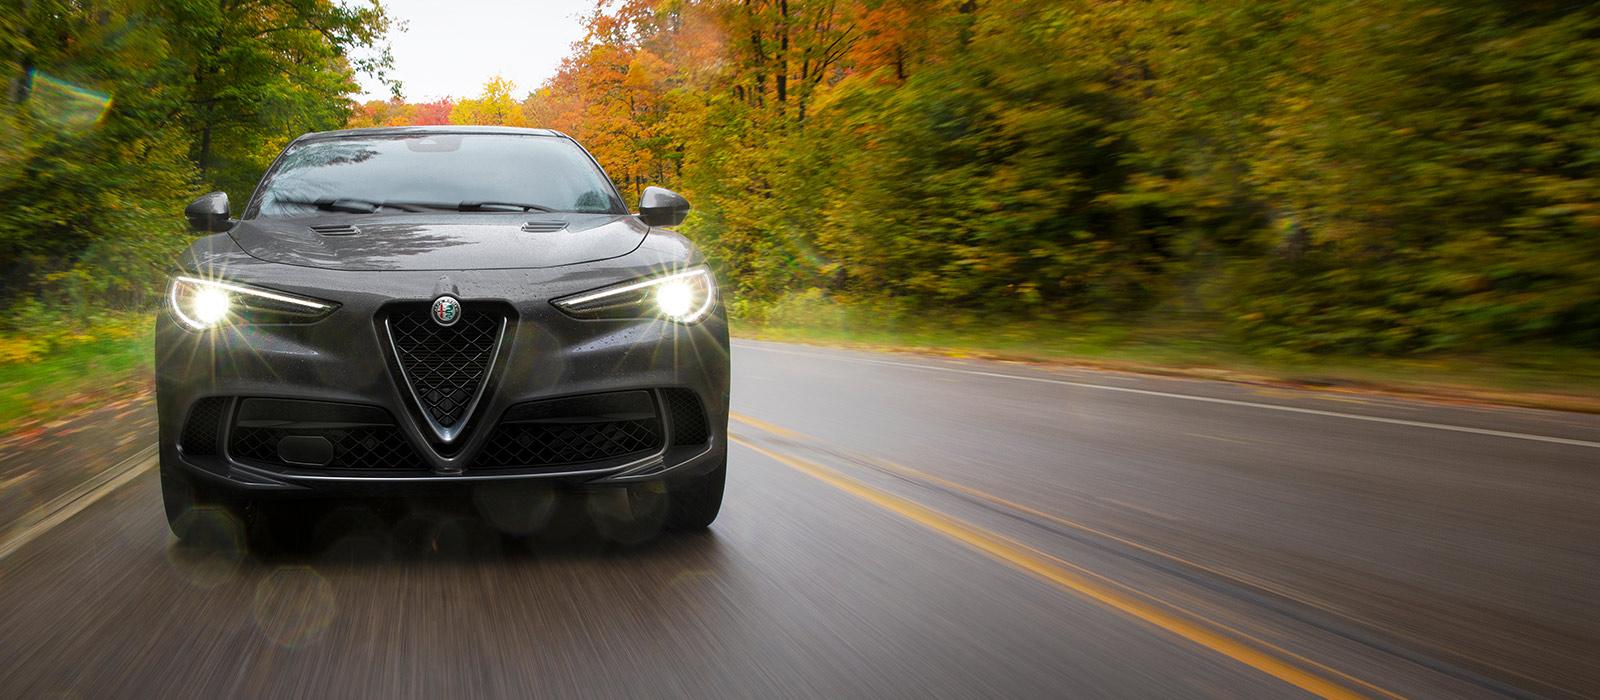 Los sensores en el Alfa Romeo Stelvio Quadrifoglio 2021 monitoreando el área por delante, donde detectan un vehículo.